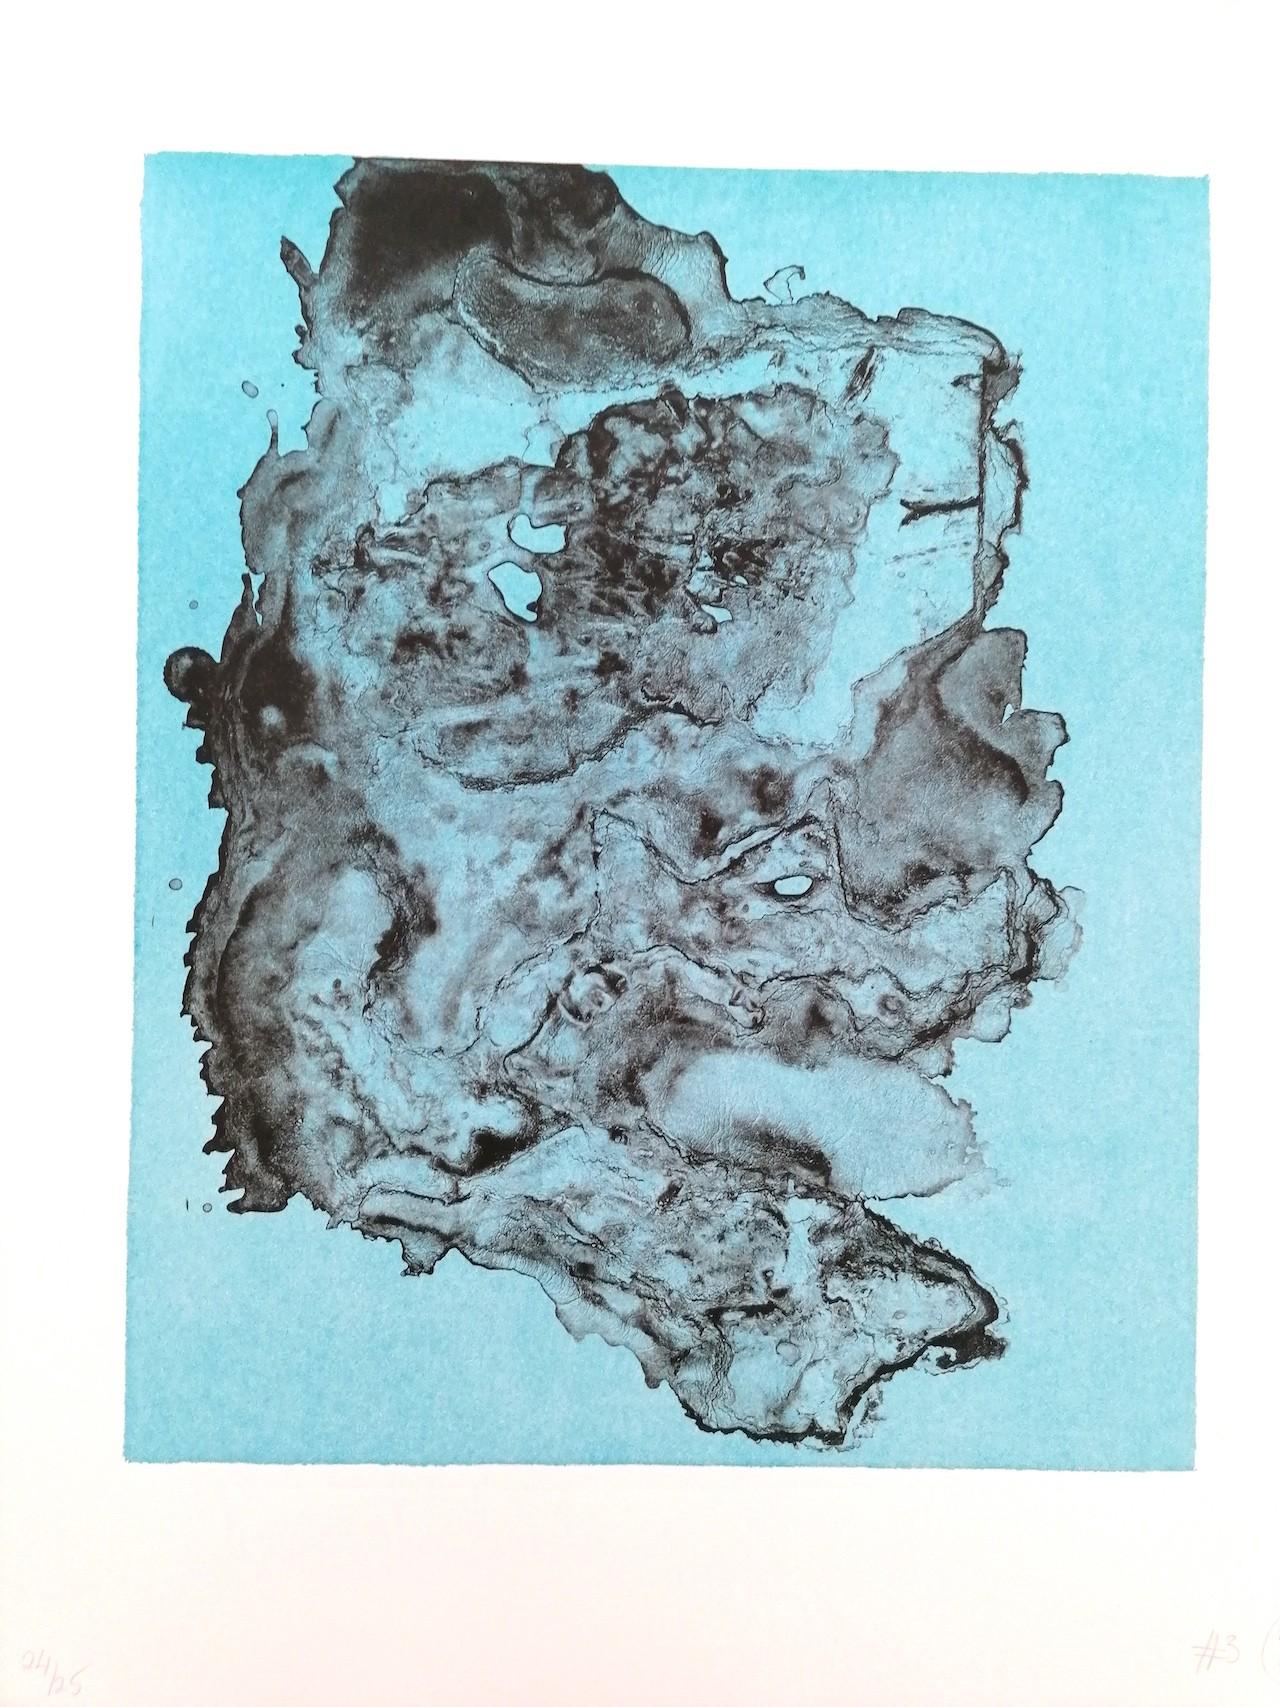 Deacon, Richard,Kunst, Galerie Voigt, Nürnberg